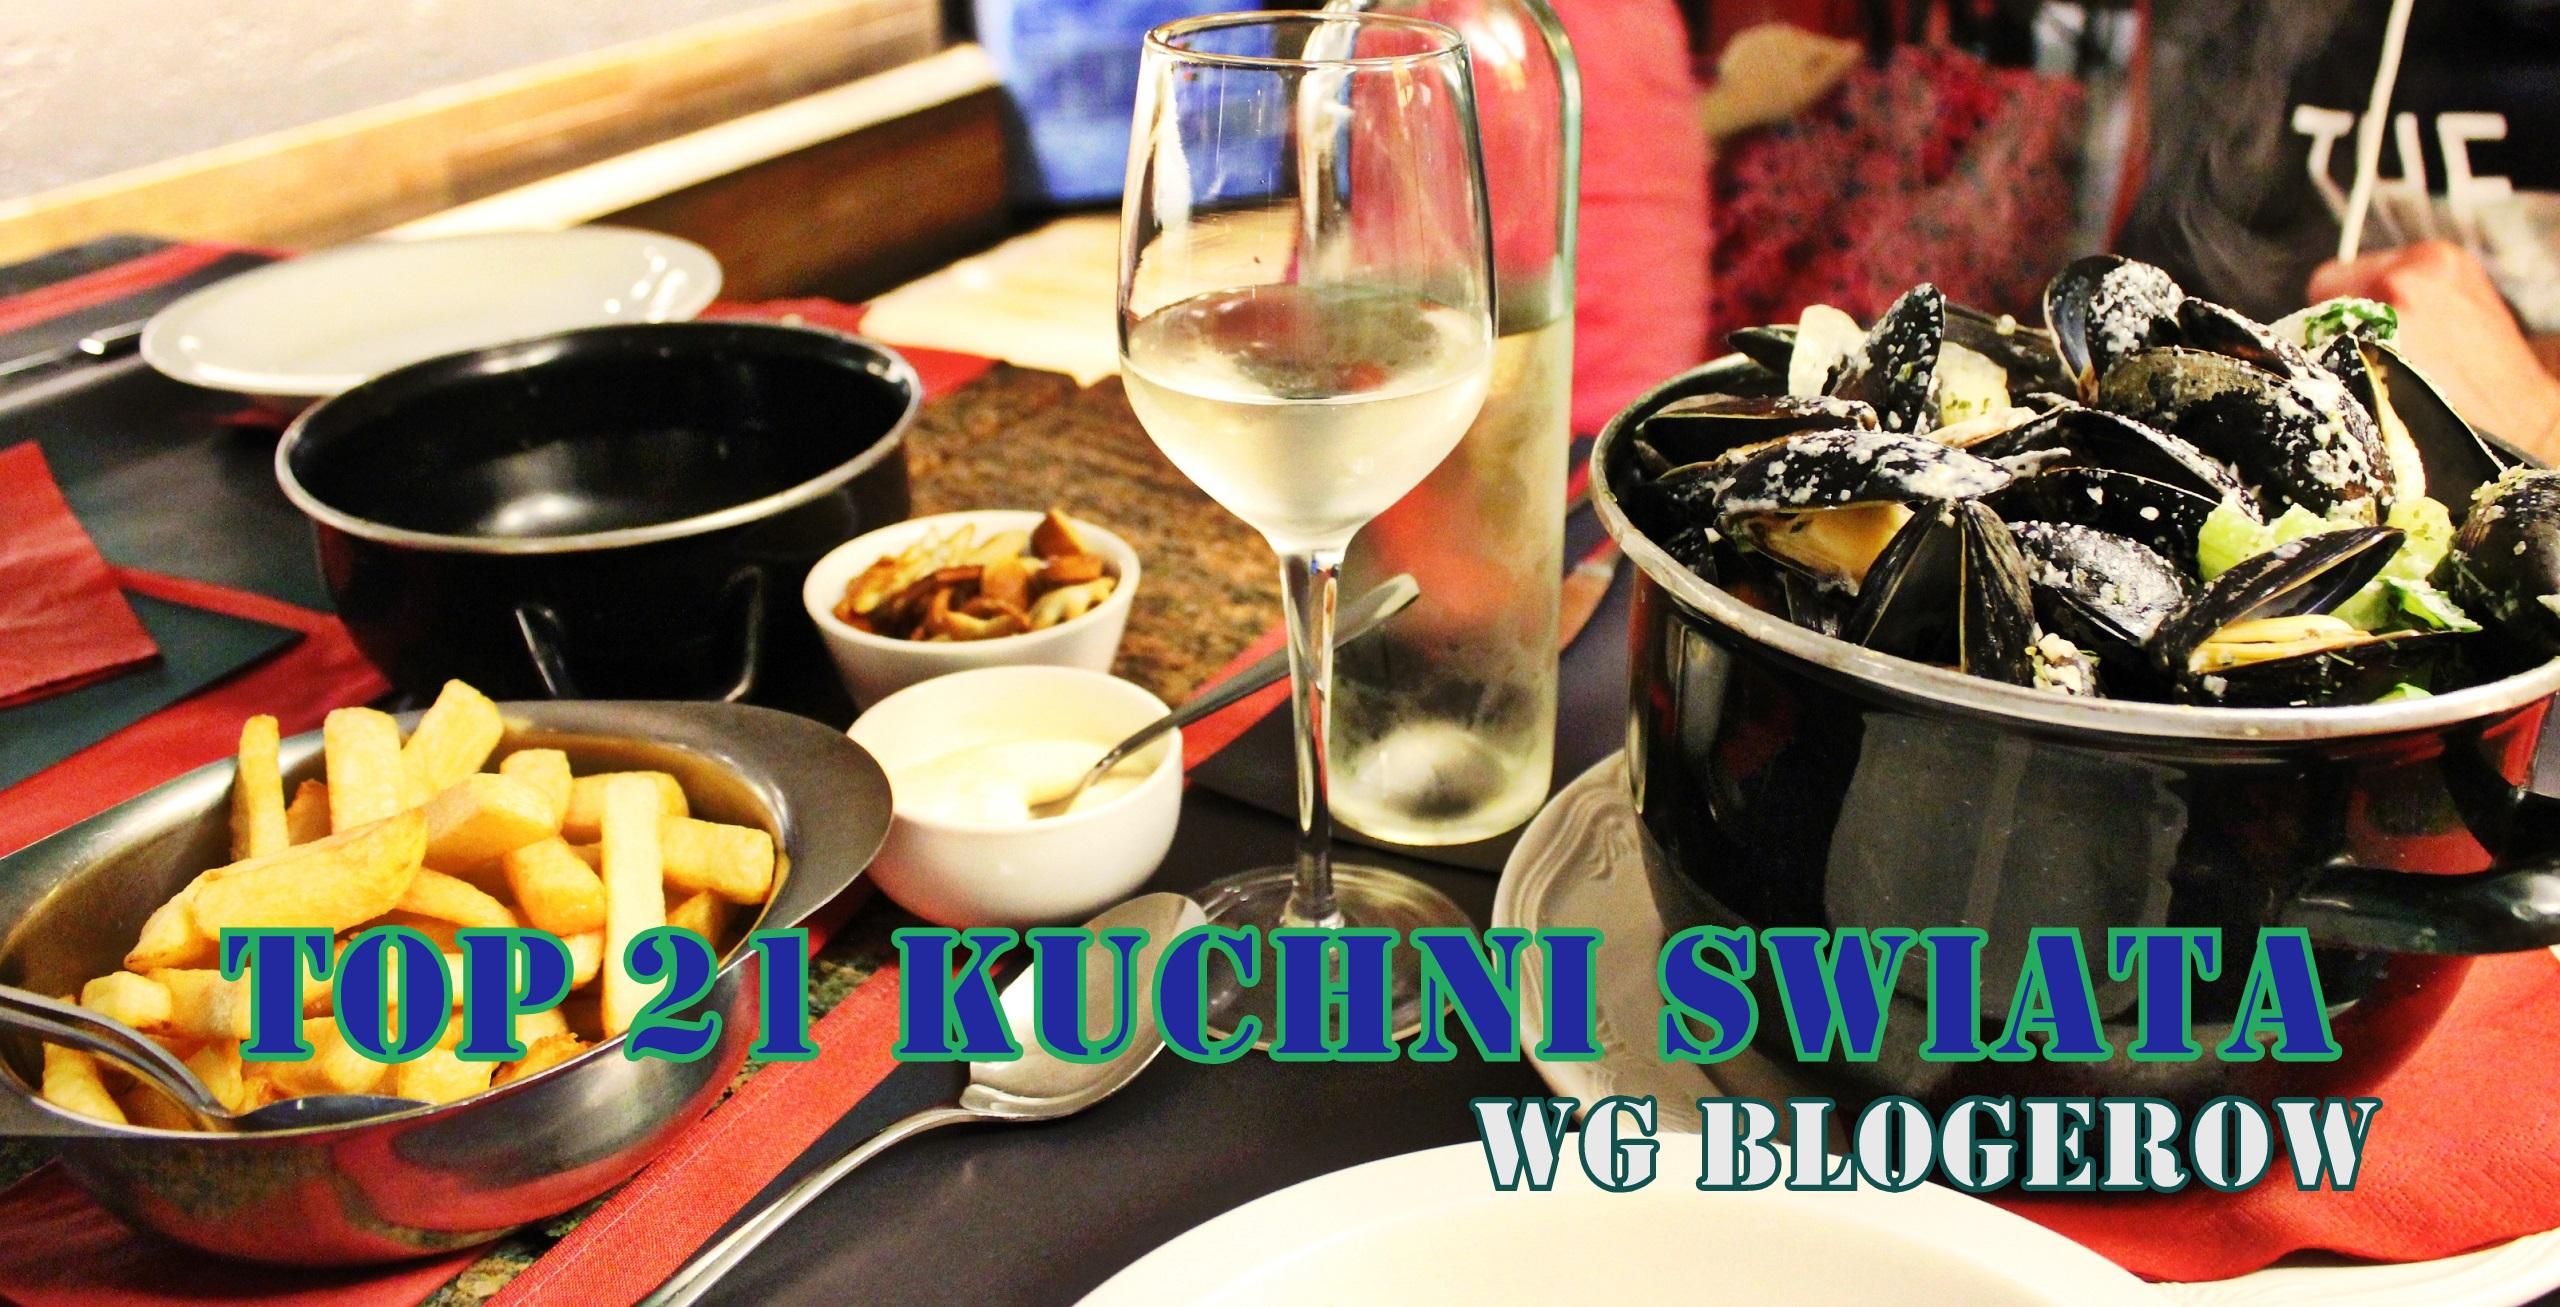 Kuchnie świata według blogerów - TOP 21. Autorka zdjęcia: Ania z Wszędobylscy